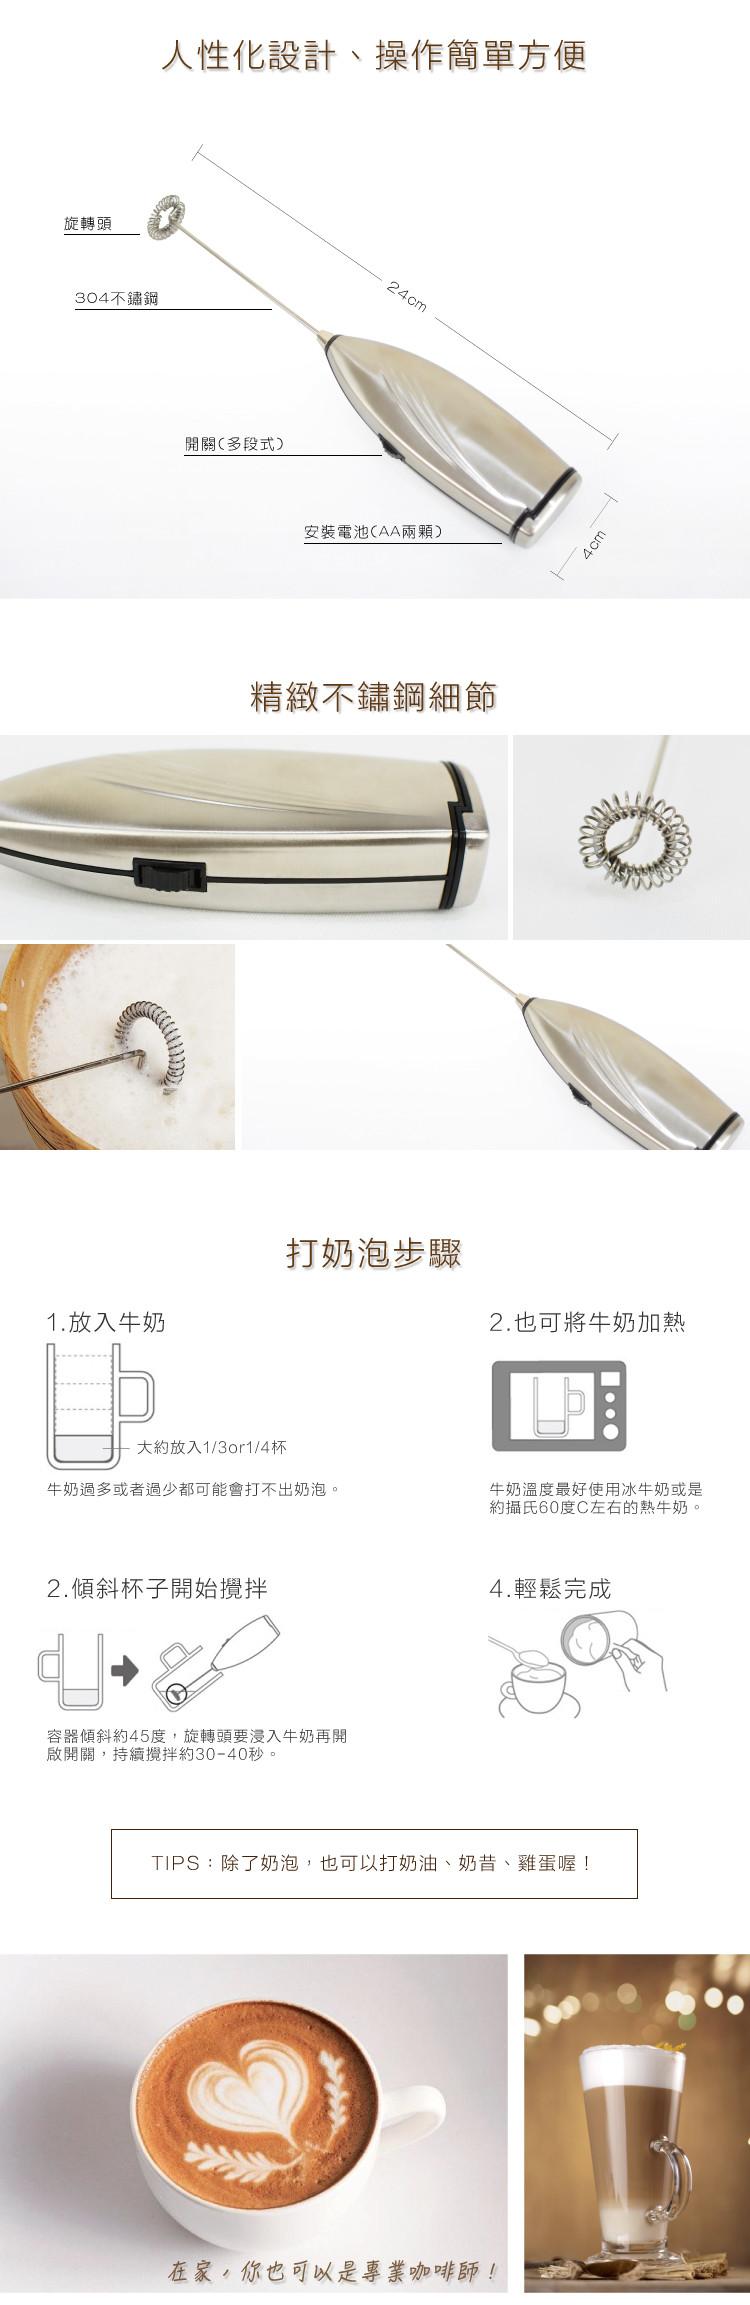 【咖啡交響樂】不鏽鋼多段式電動奶泡器/奶泡機 圖示介紹3